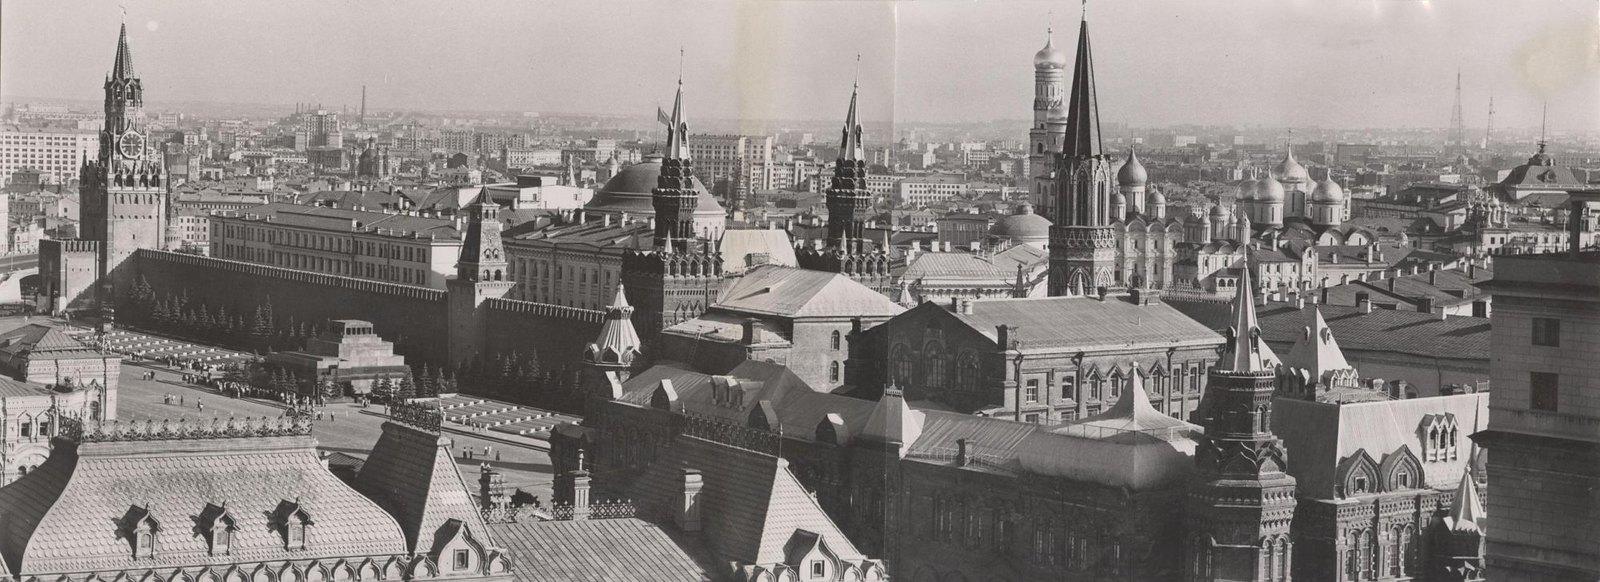 1960. Панорамный вид на Кремль. Июнь